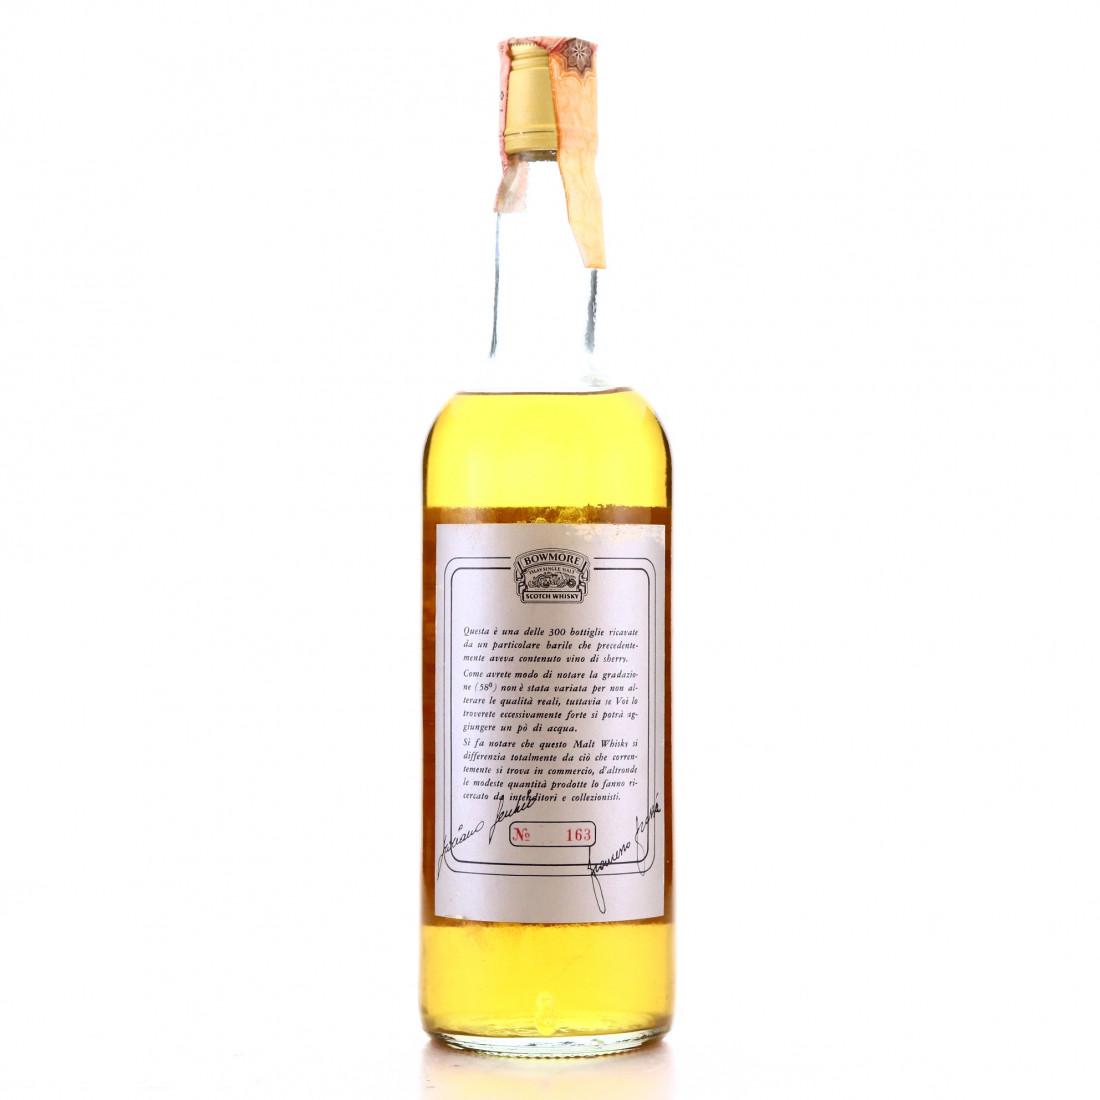 Bowmore 1969 Single Cask #6634 for Edoardo Giaccone/ Fecchio & Frassa Import